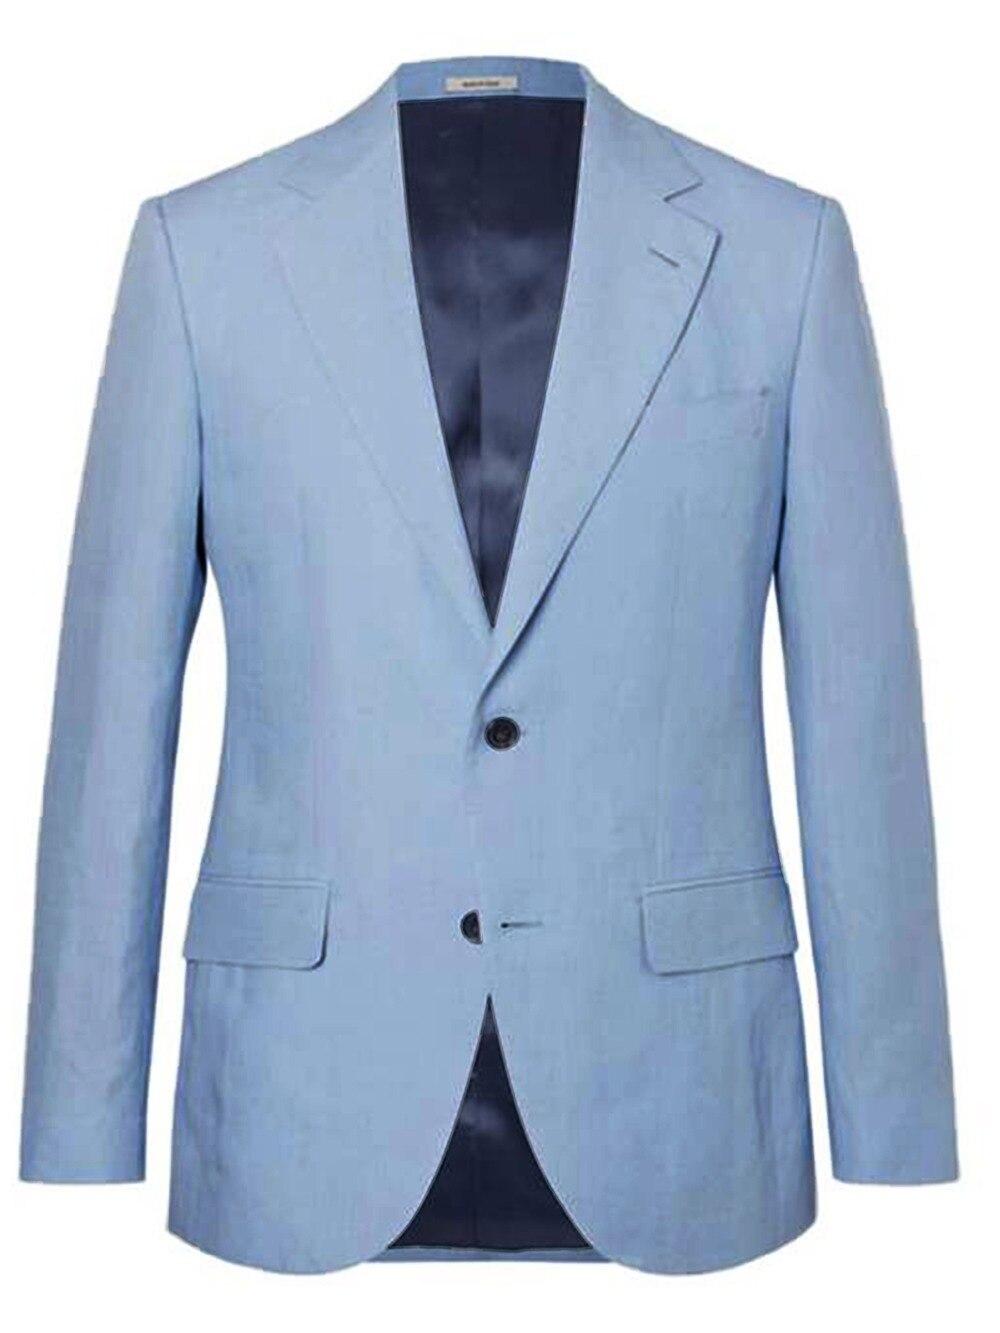 Erkek Kıyafeti'ten Blazerler'de Nefes Hafif Gökyüzü Mavi Keten Blazers Erkekler Custom Made Slim Fit Rahat Rahat Keten Ceket Yaz Serin Ceketler'da  Grup 1